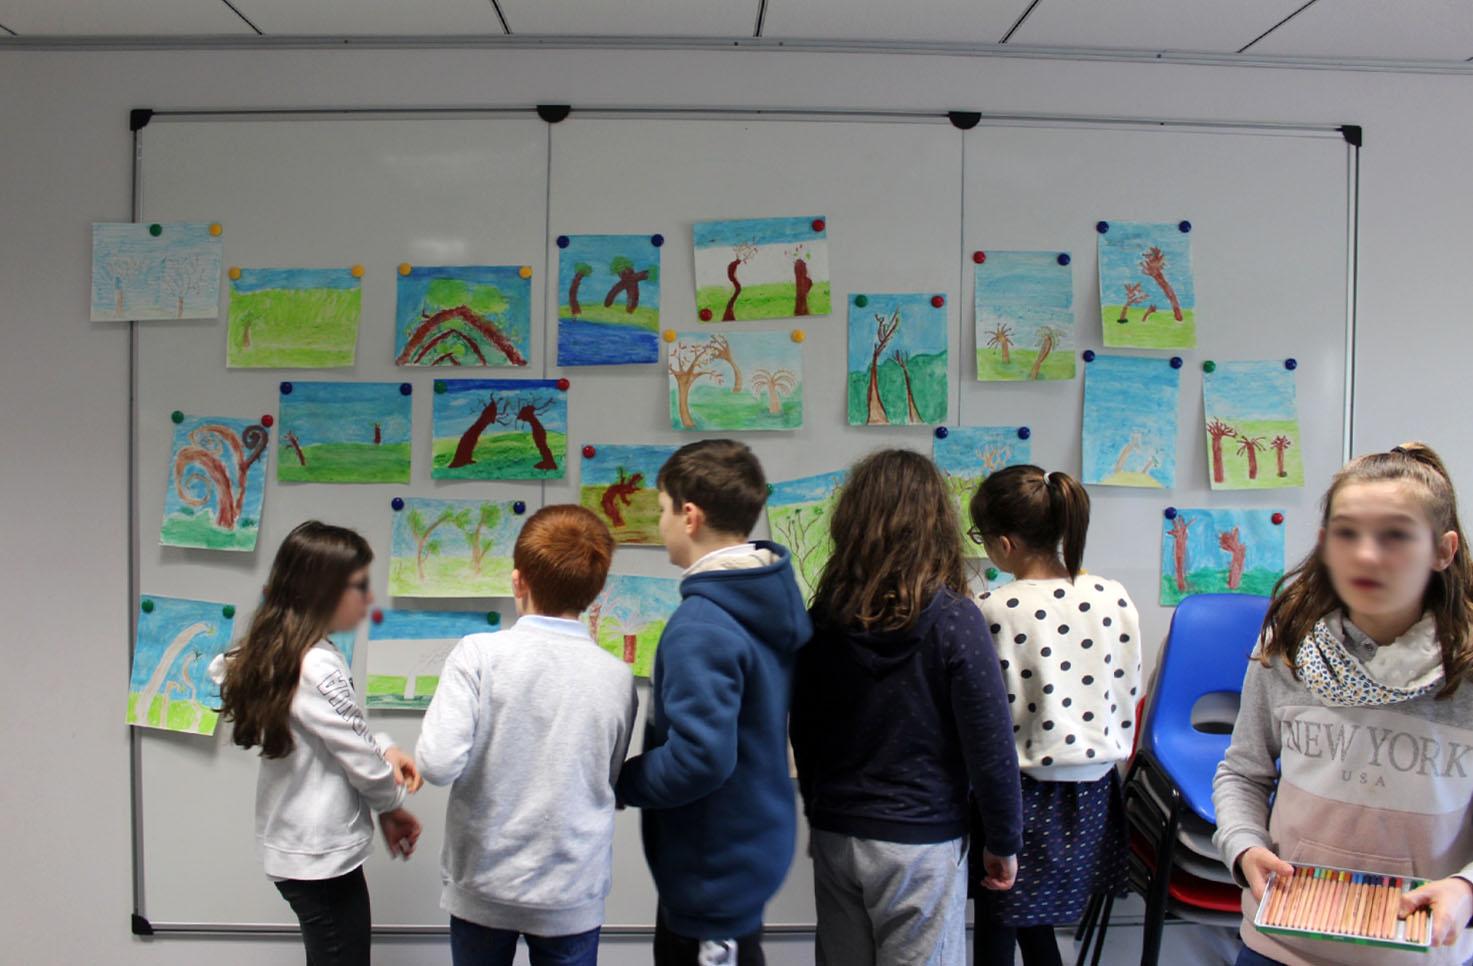 Visite-atelier autour de l'exposition de Dorian Cohen - CM2 de l'école publique Pays Pourpré de Montfort-sur-Meu